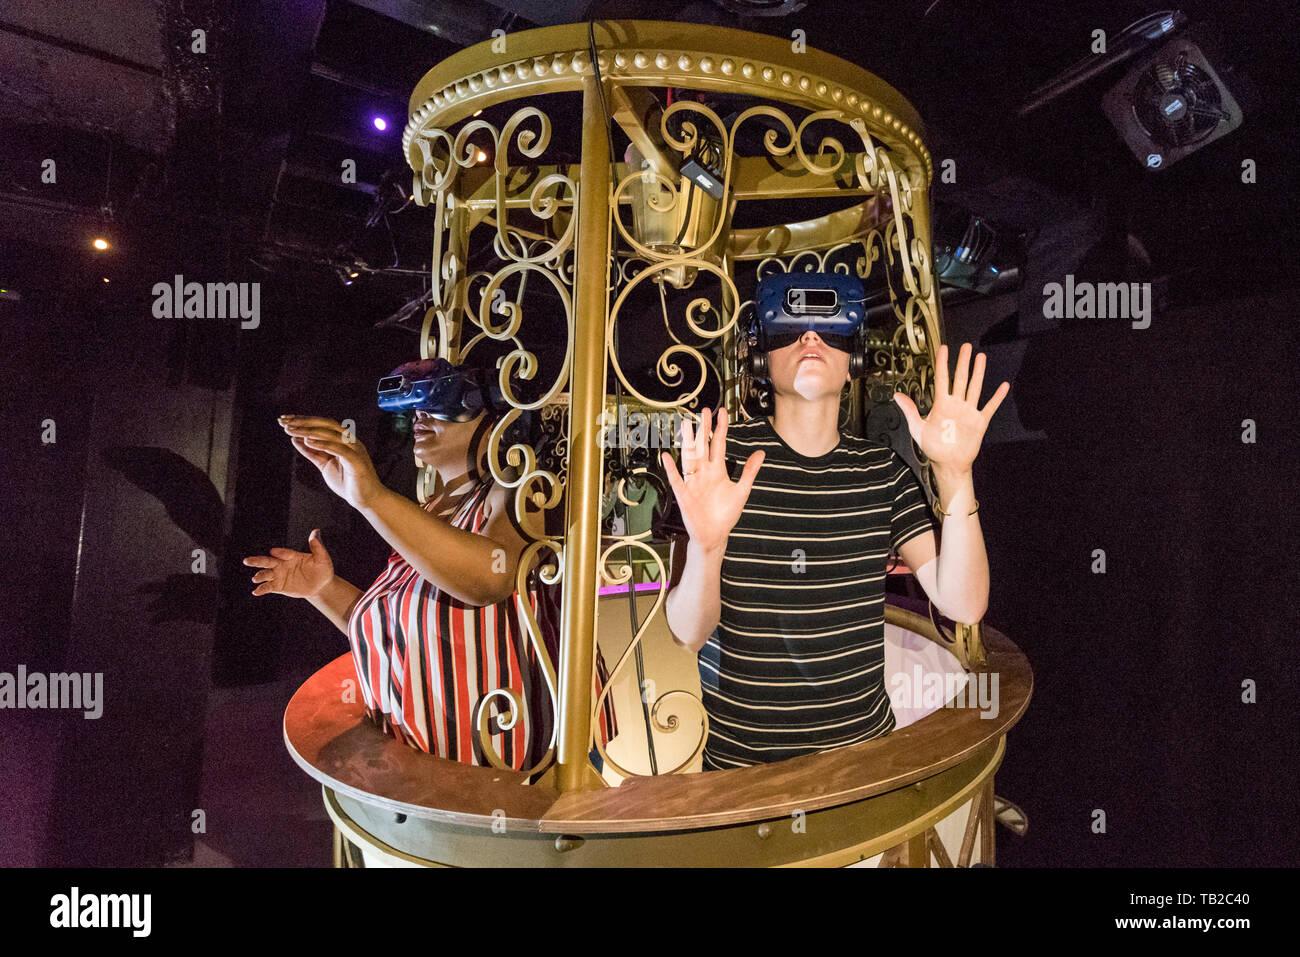 """Londres, Royaume-Uni. 30 mai 2019. Les membres du personnel de poser dans les ballons à air avec tête de réalité virtuelle met en scène à Londres les morts l'aperçu de """"Jeff Wayne's La Guerre des mondes: l'expérience immersive"""" ouvrant sur Leadenhall Street dans la ville de Londres le 31 mai 2019. L'expérience interactive 110 minutes emmène les visiteurs dans un voyage à travers l'Invasion Martienne de Hg et de 1898 par le biais de théâtre immersif, réalité virtuelle, réalité augmentée et des hologrammes. Crédit: Stephen Chung / Alamy Live News Photo Stock"""